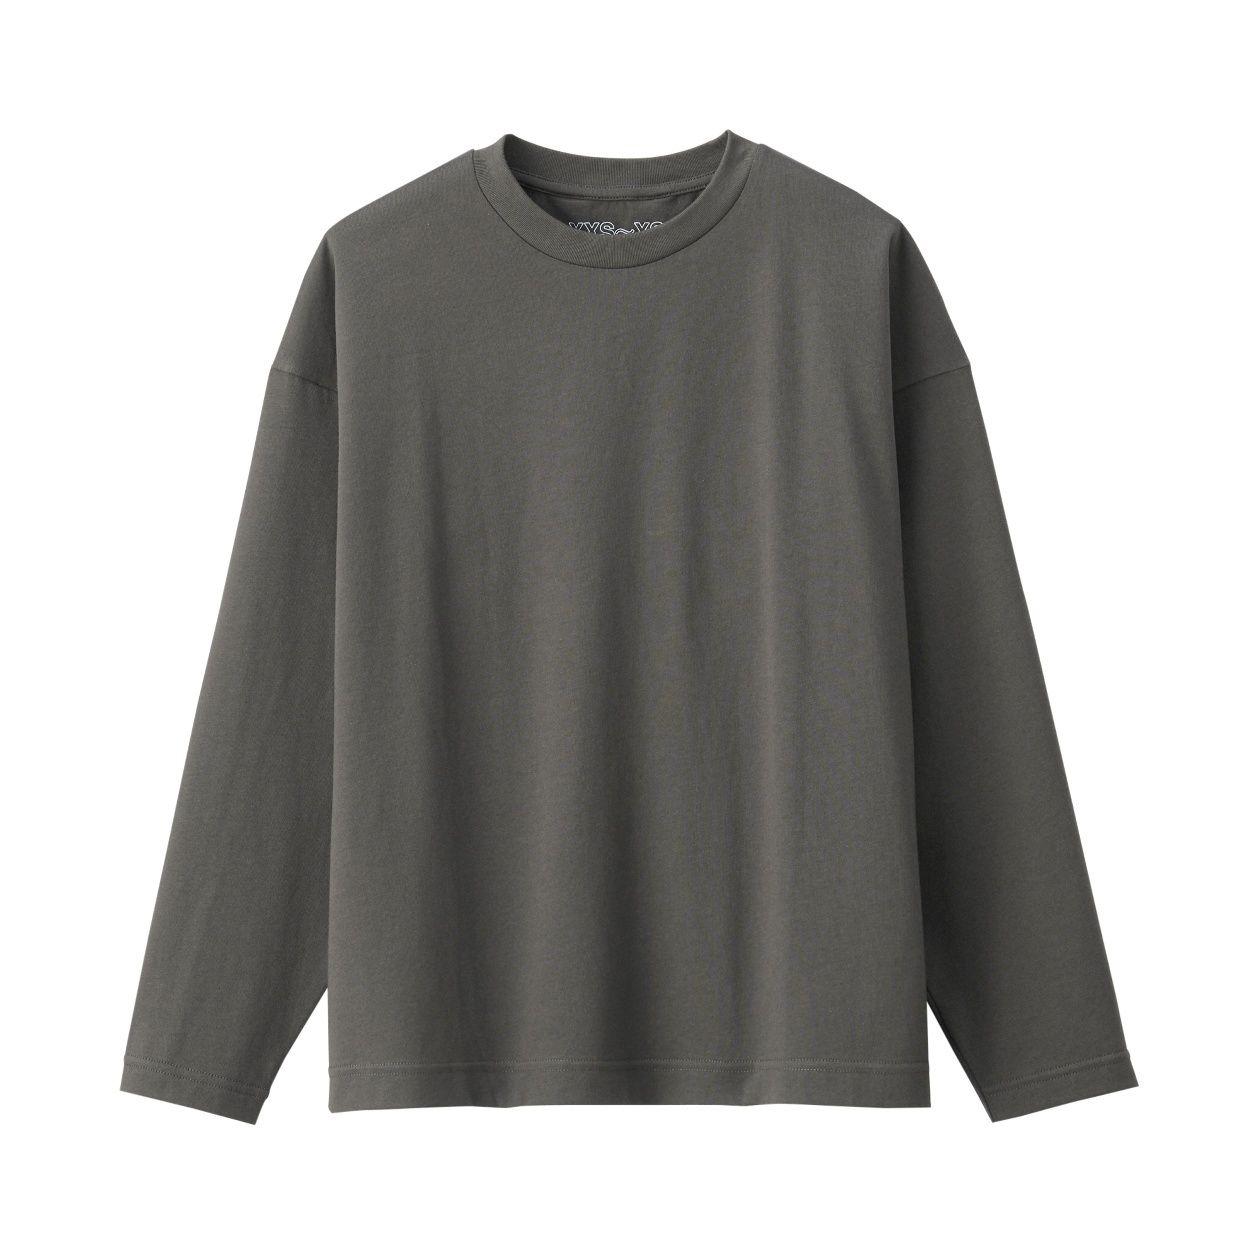 天竺編み クルーネックドロップショルダーTシャツ